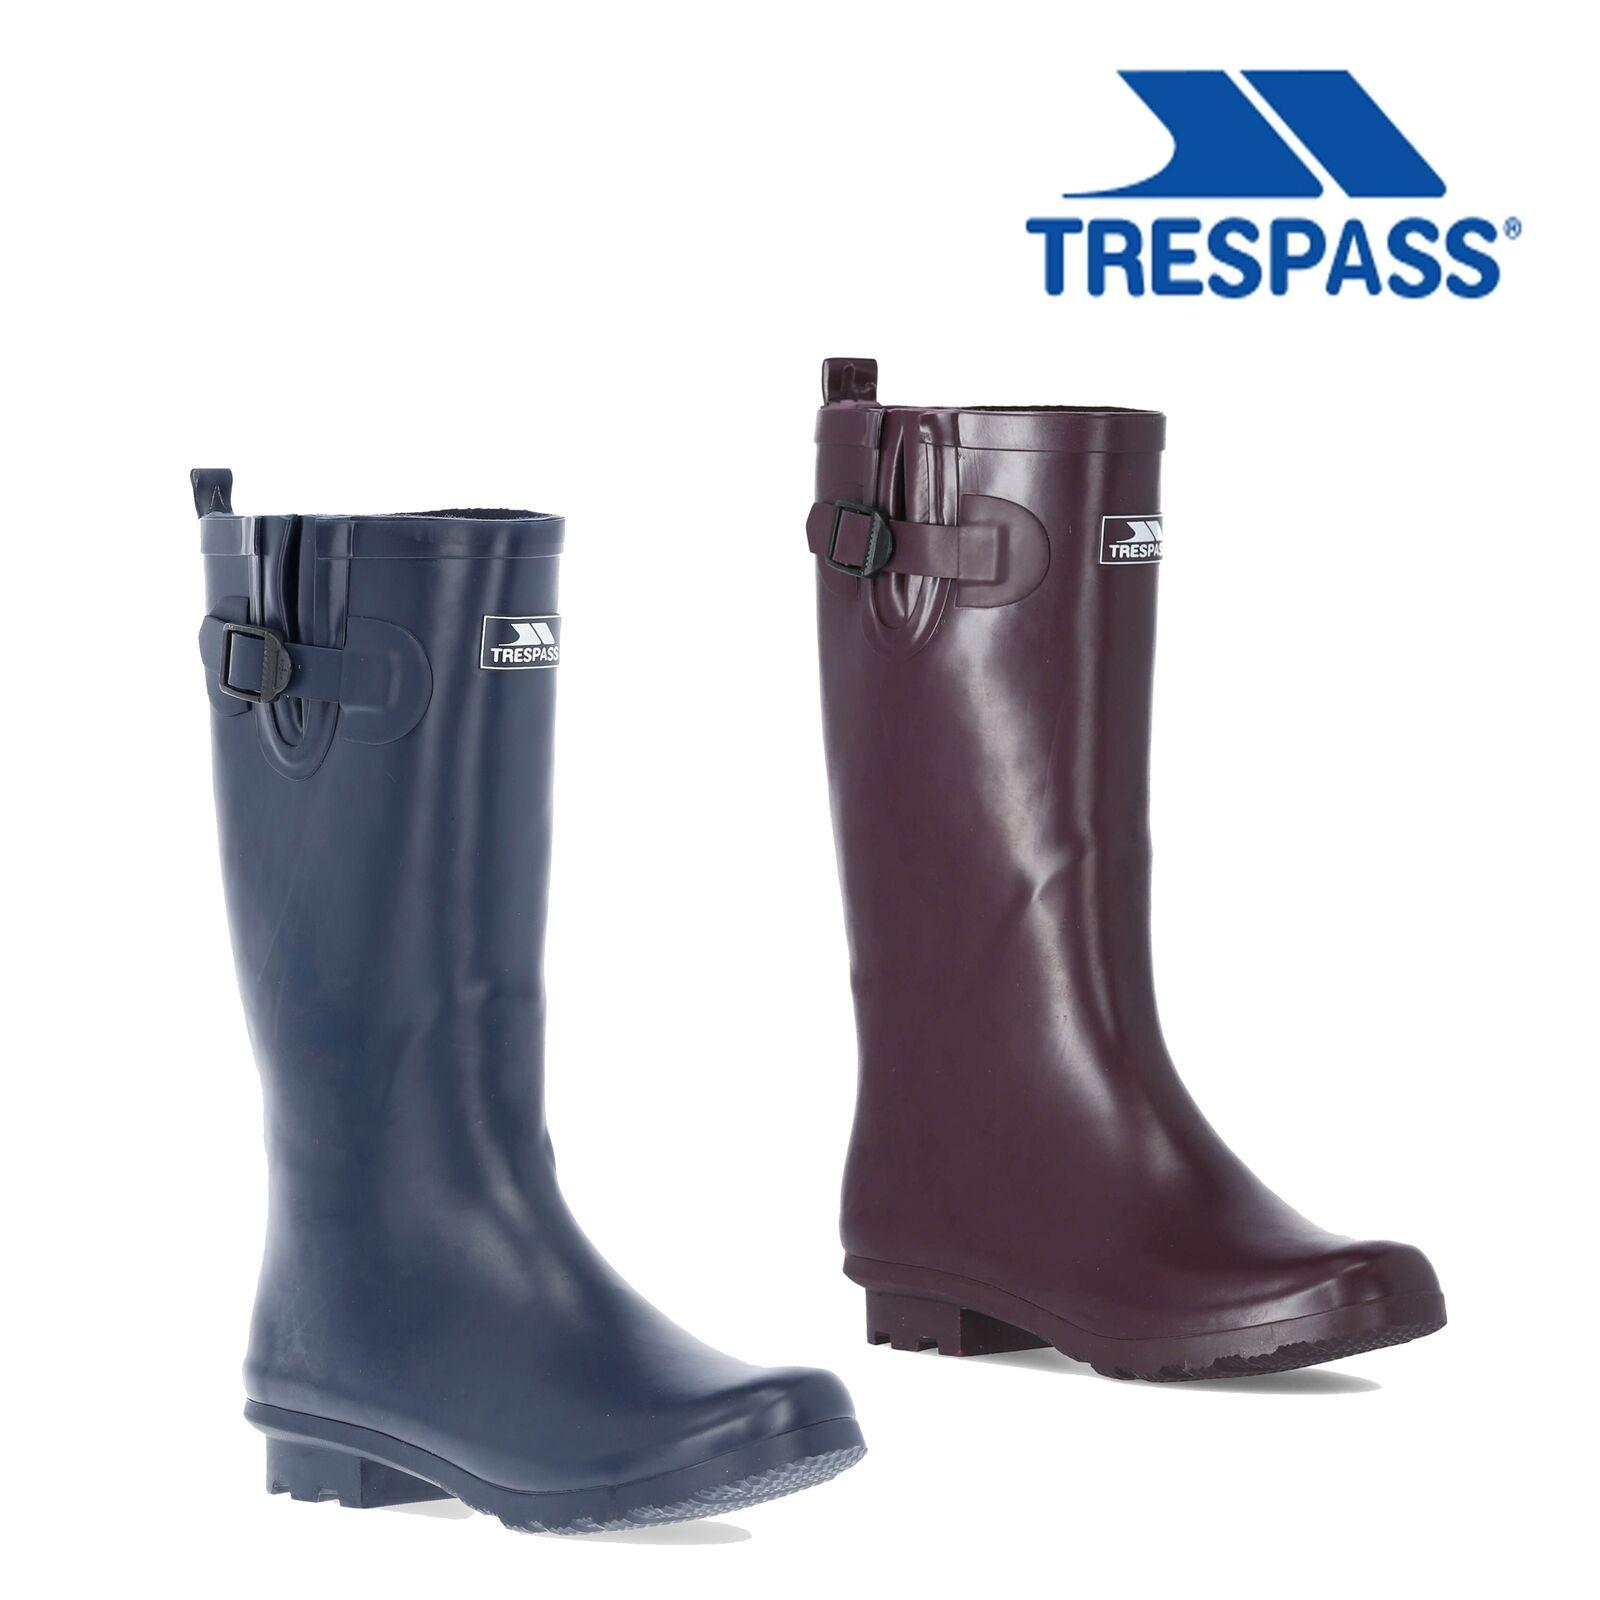 Trespass Womens Waterproof Rain Wellies £18.69 Delivered (UK Mainland) using code @ eBay / Trespass